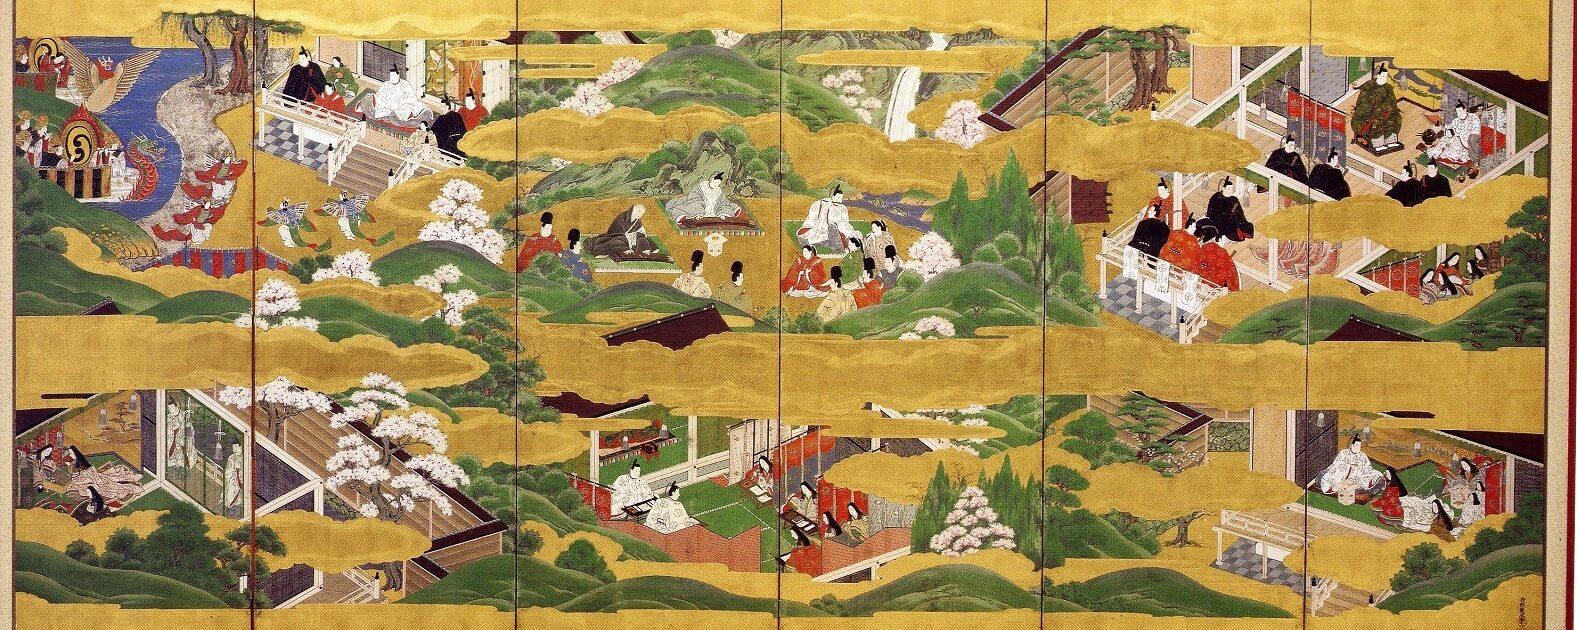 GENJI MONOGATARI, DE MURASAKI SHIKIBU